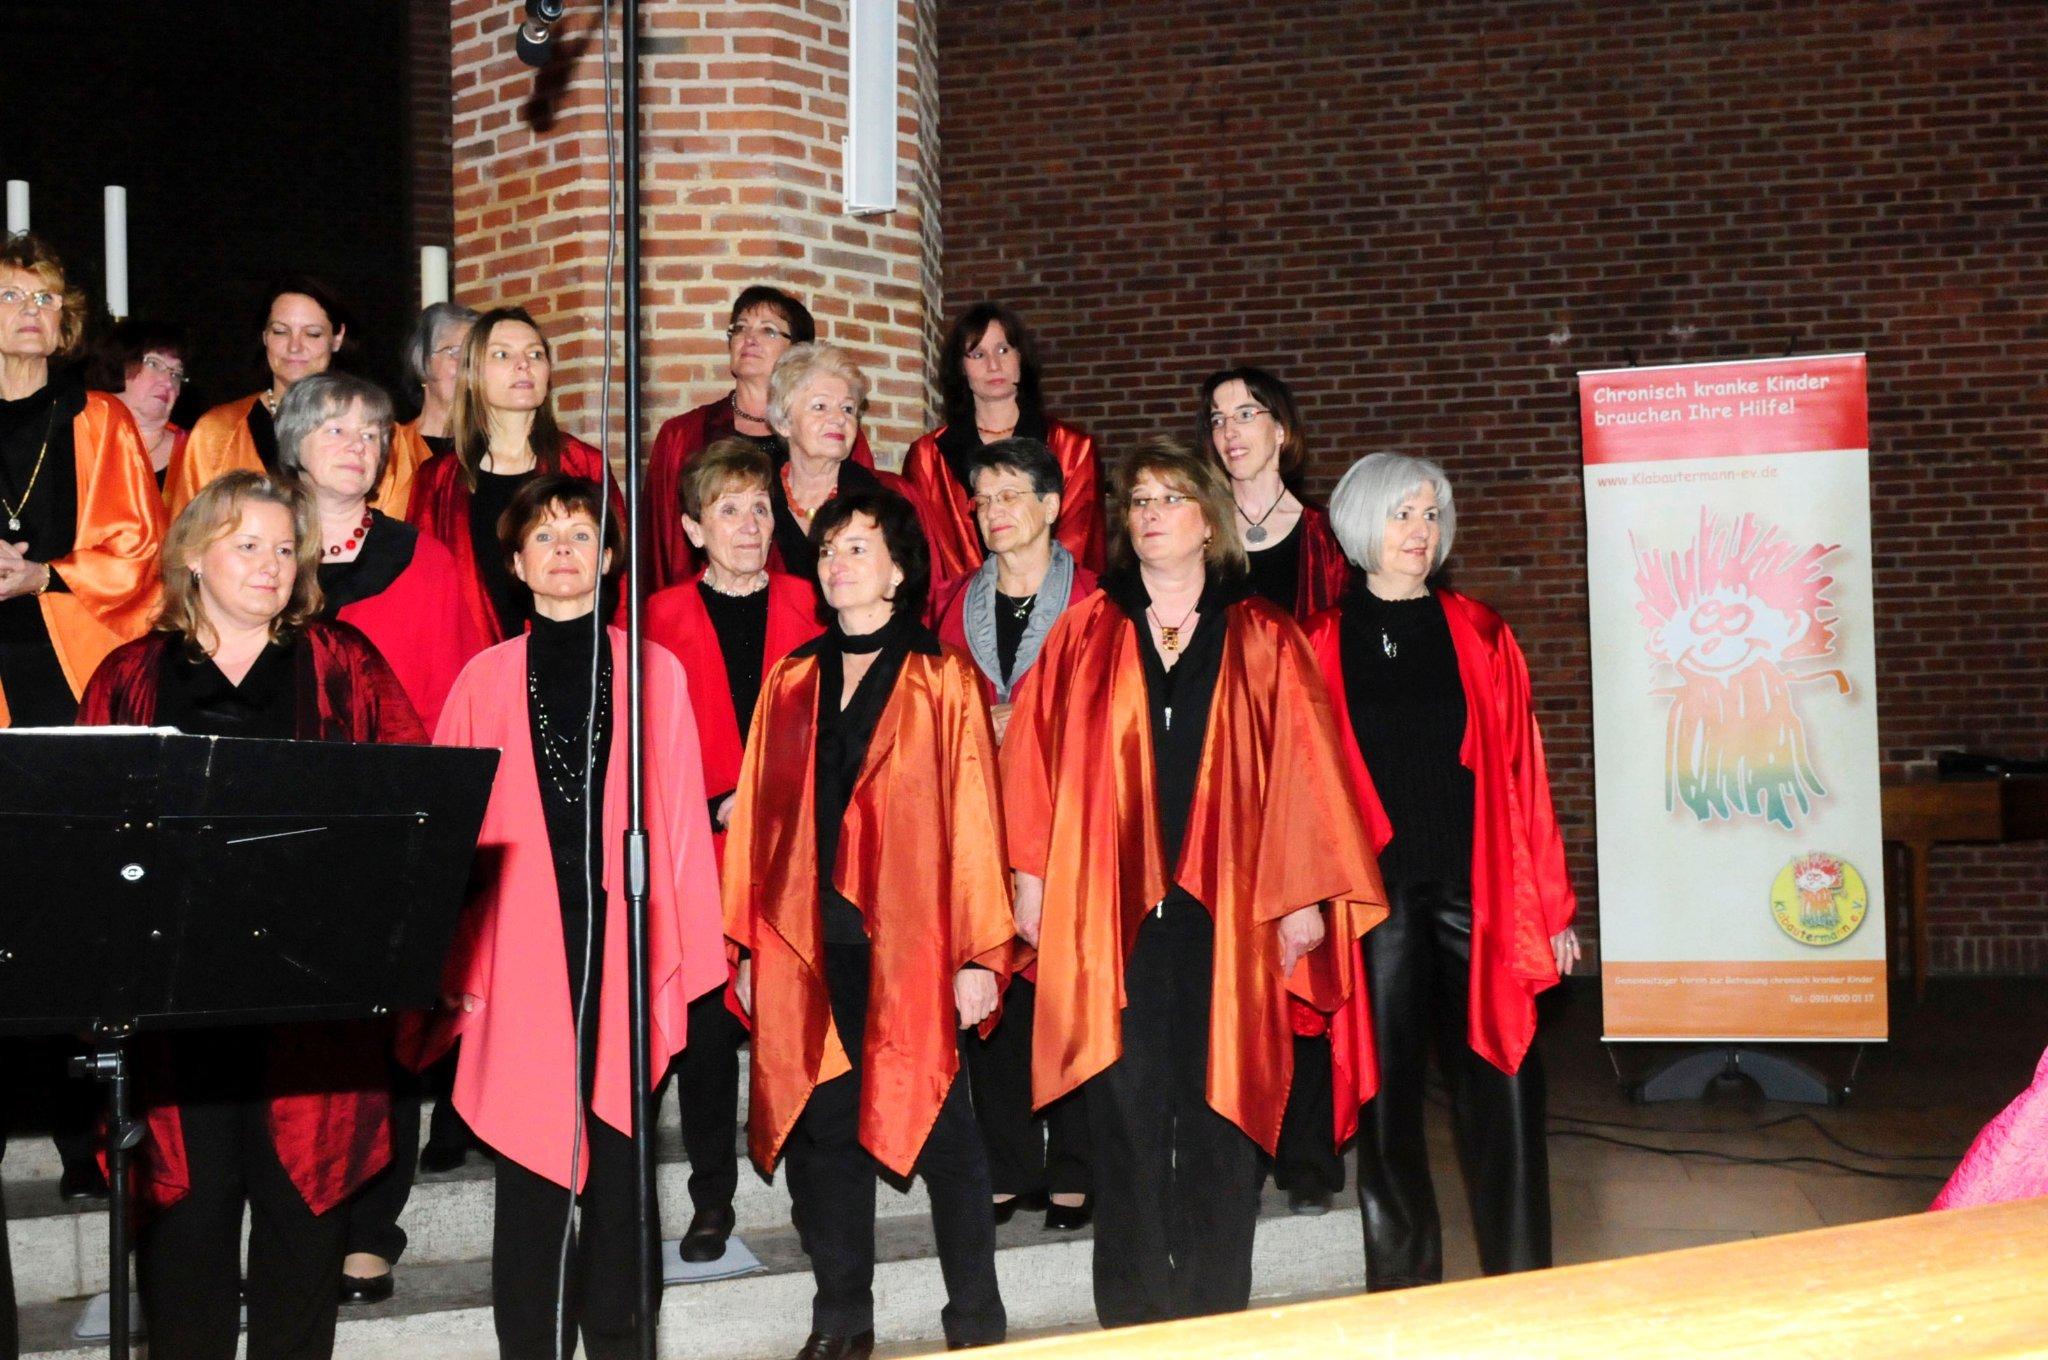 20120422 Reformations Gedaechtniskirche 43